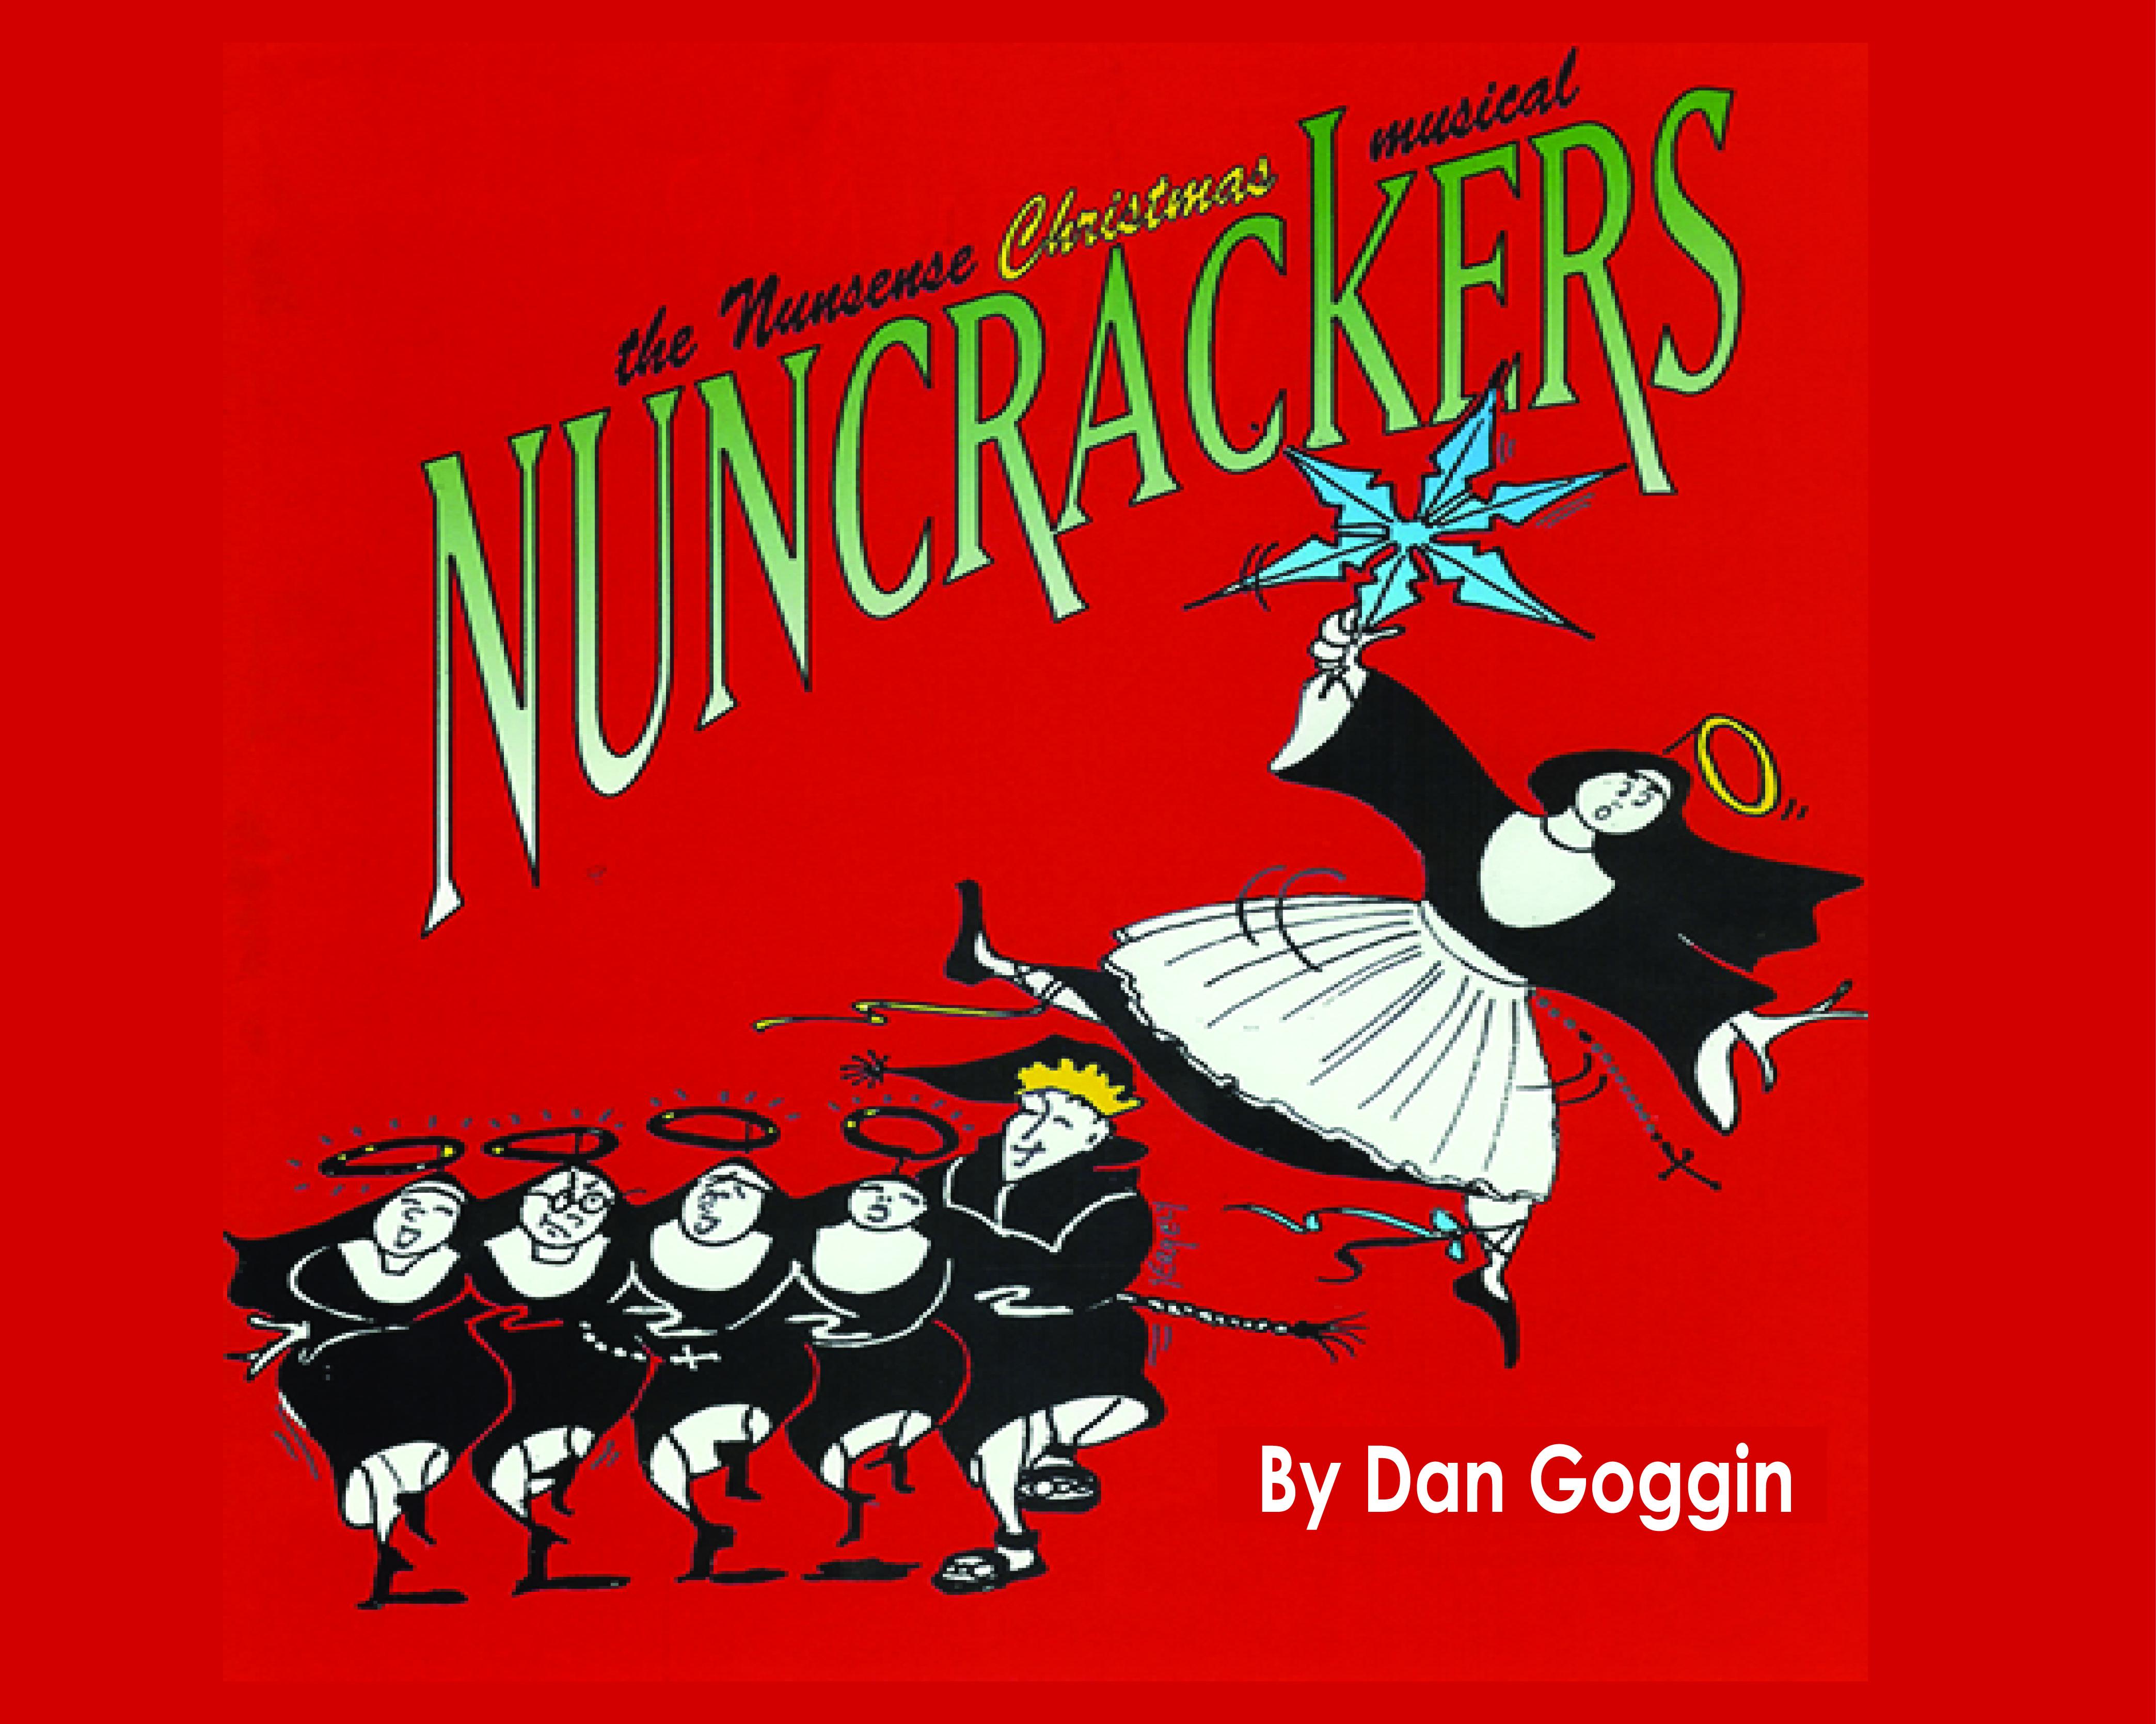 nuncrackers-logo-new